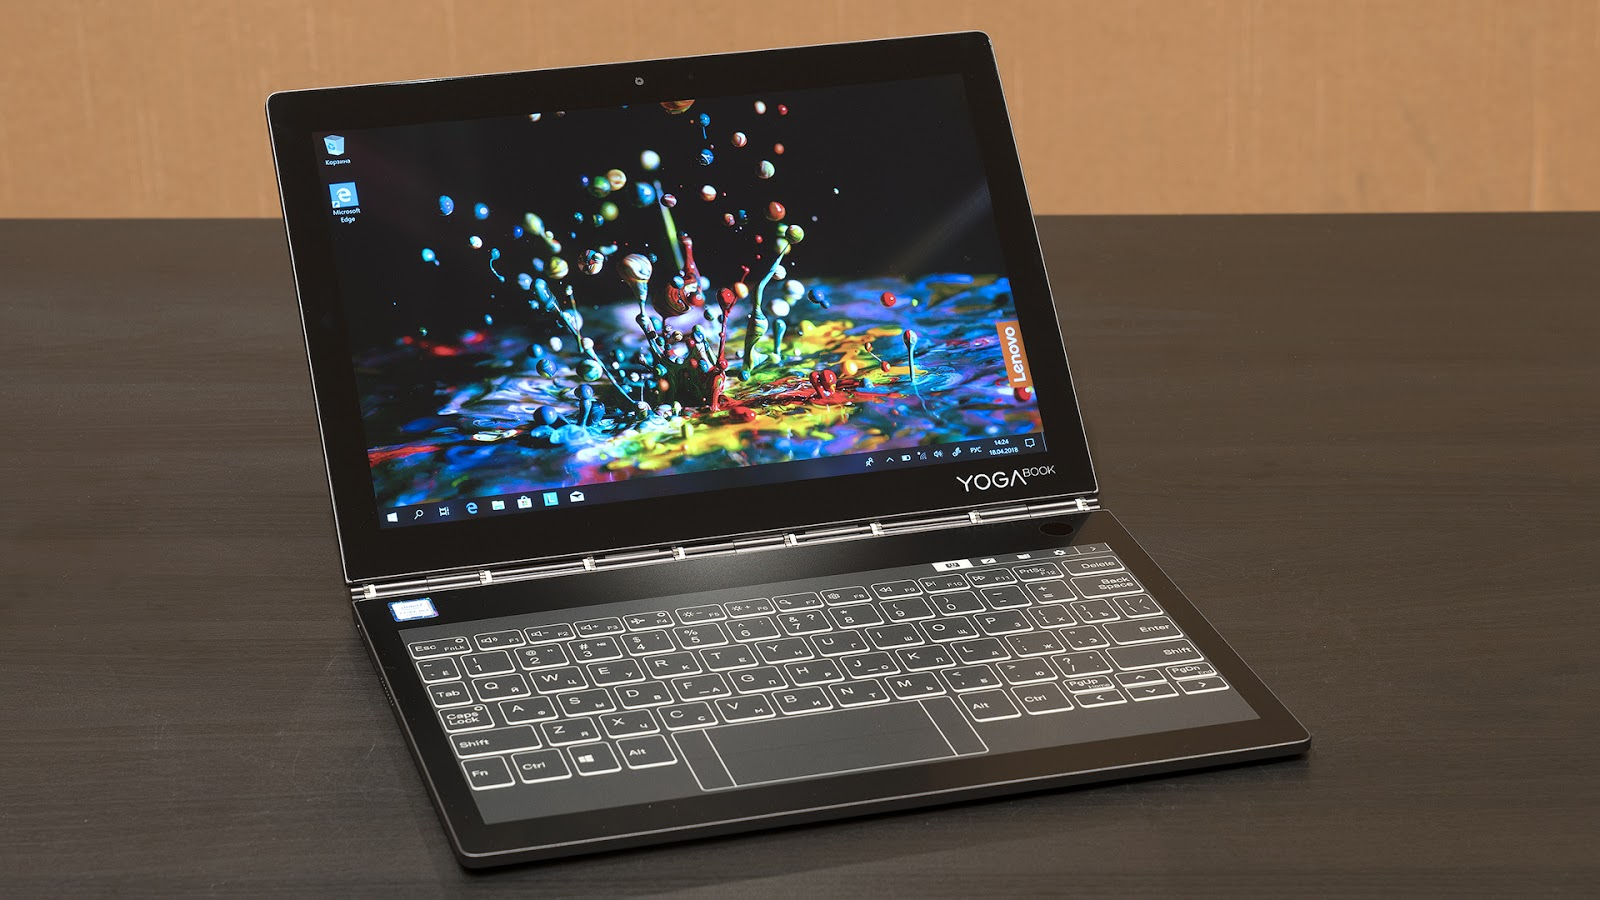 Lenovo YogaBook C930: устройство, которое заменяет сразу четыре гаджета - 1